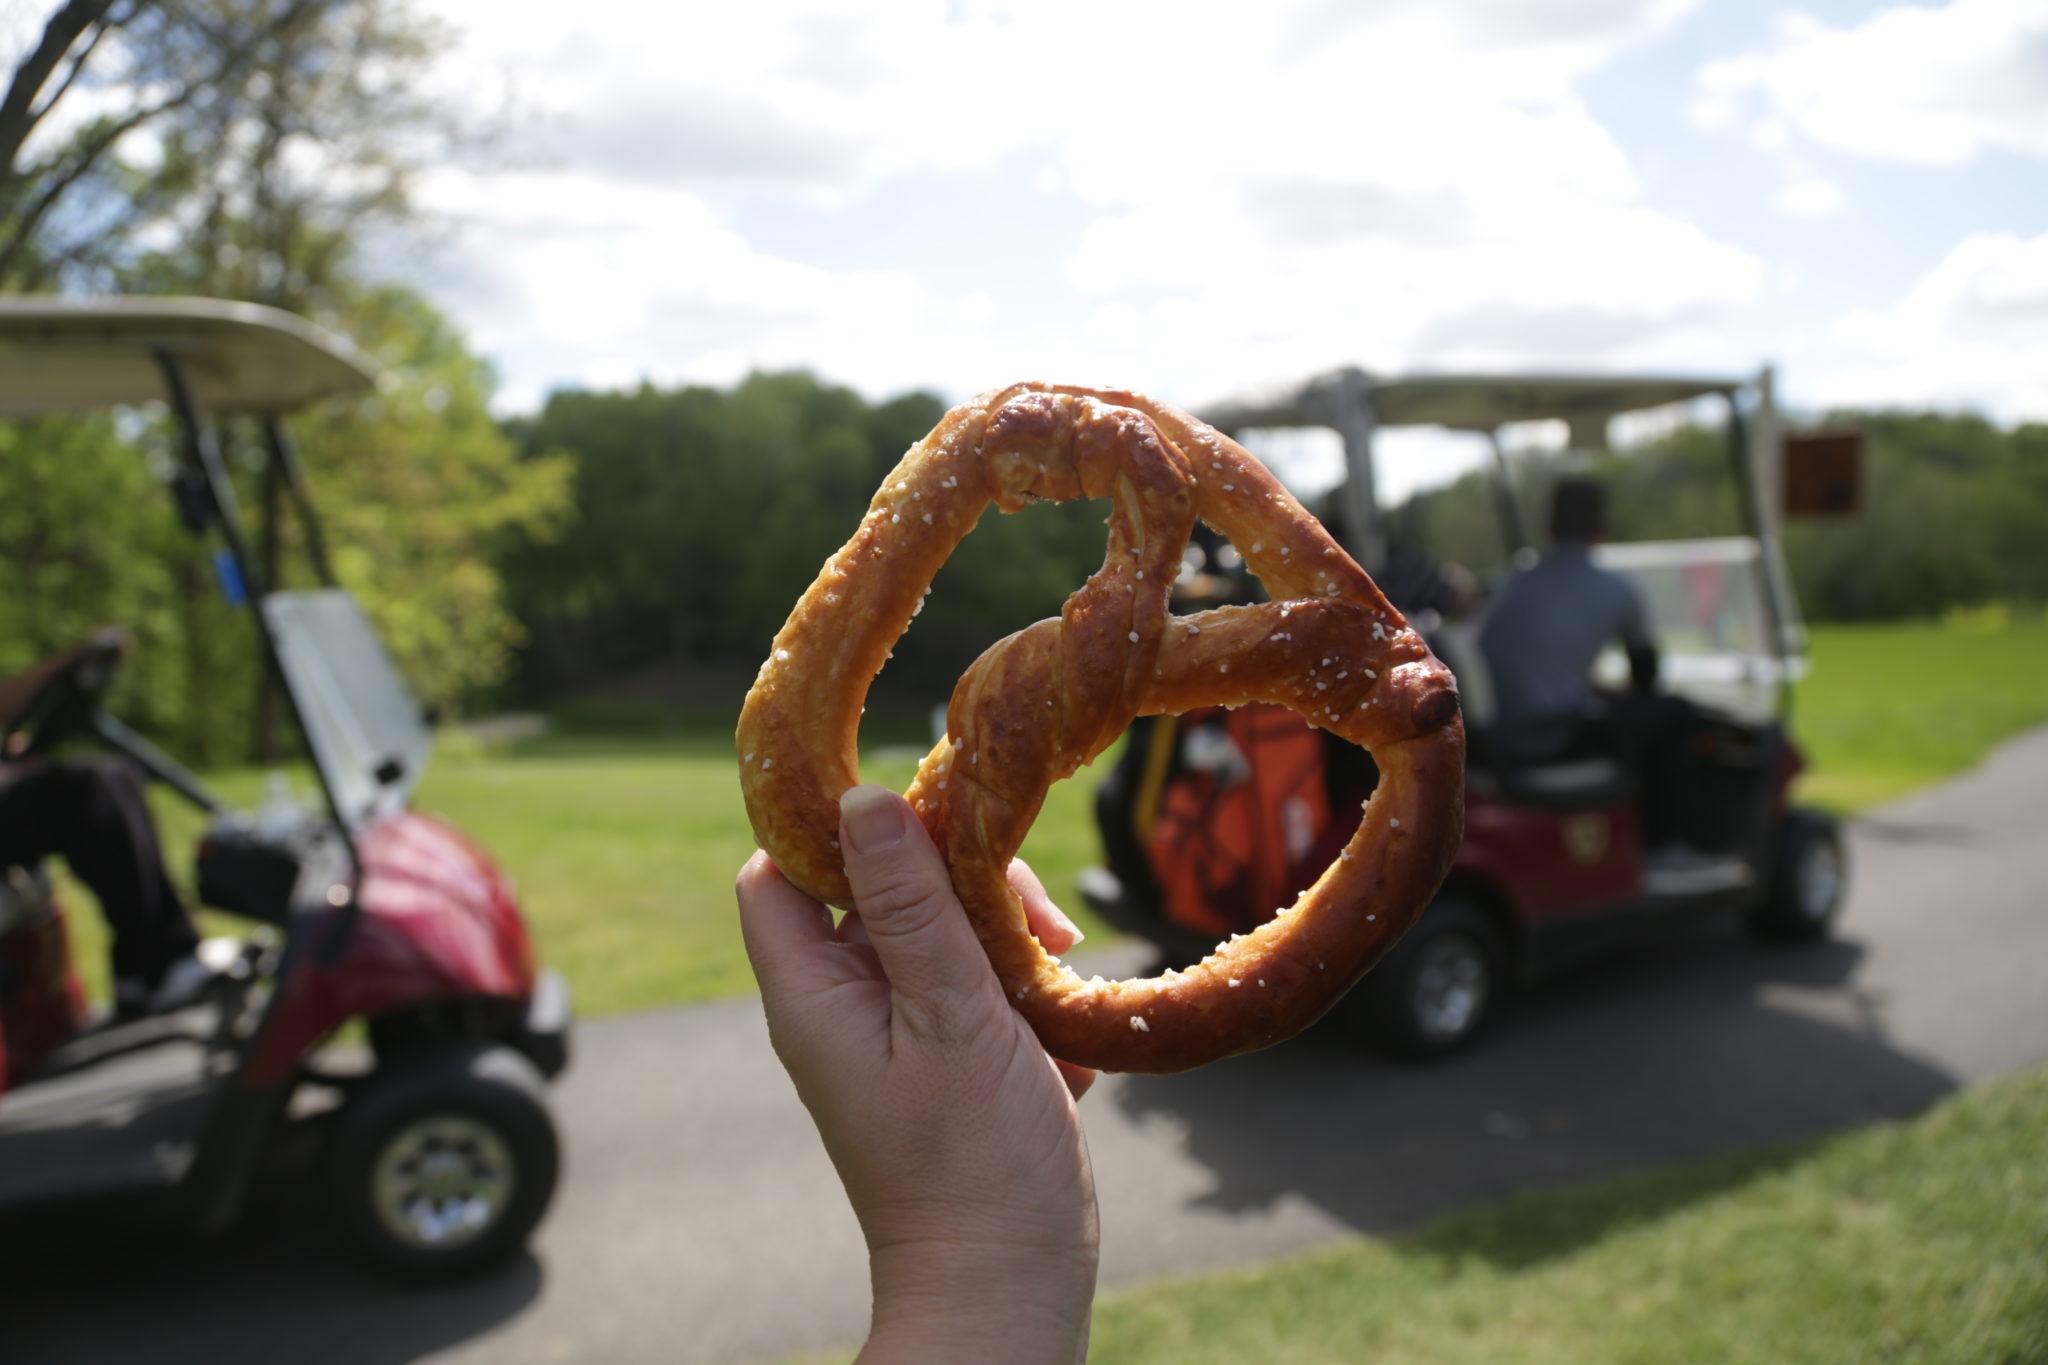 soft pretzel photo